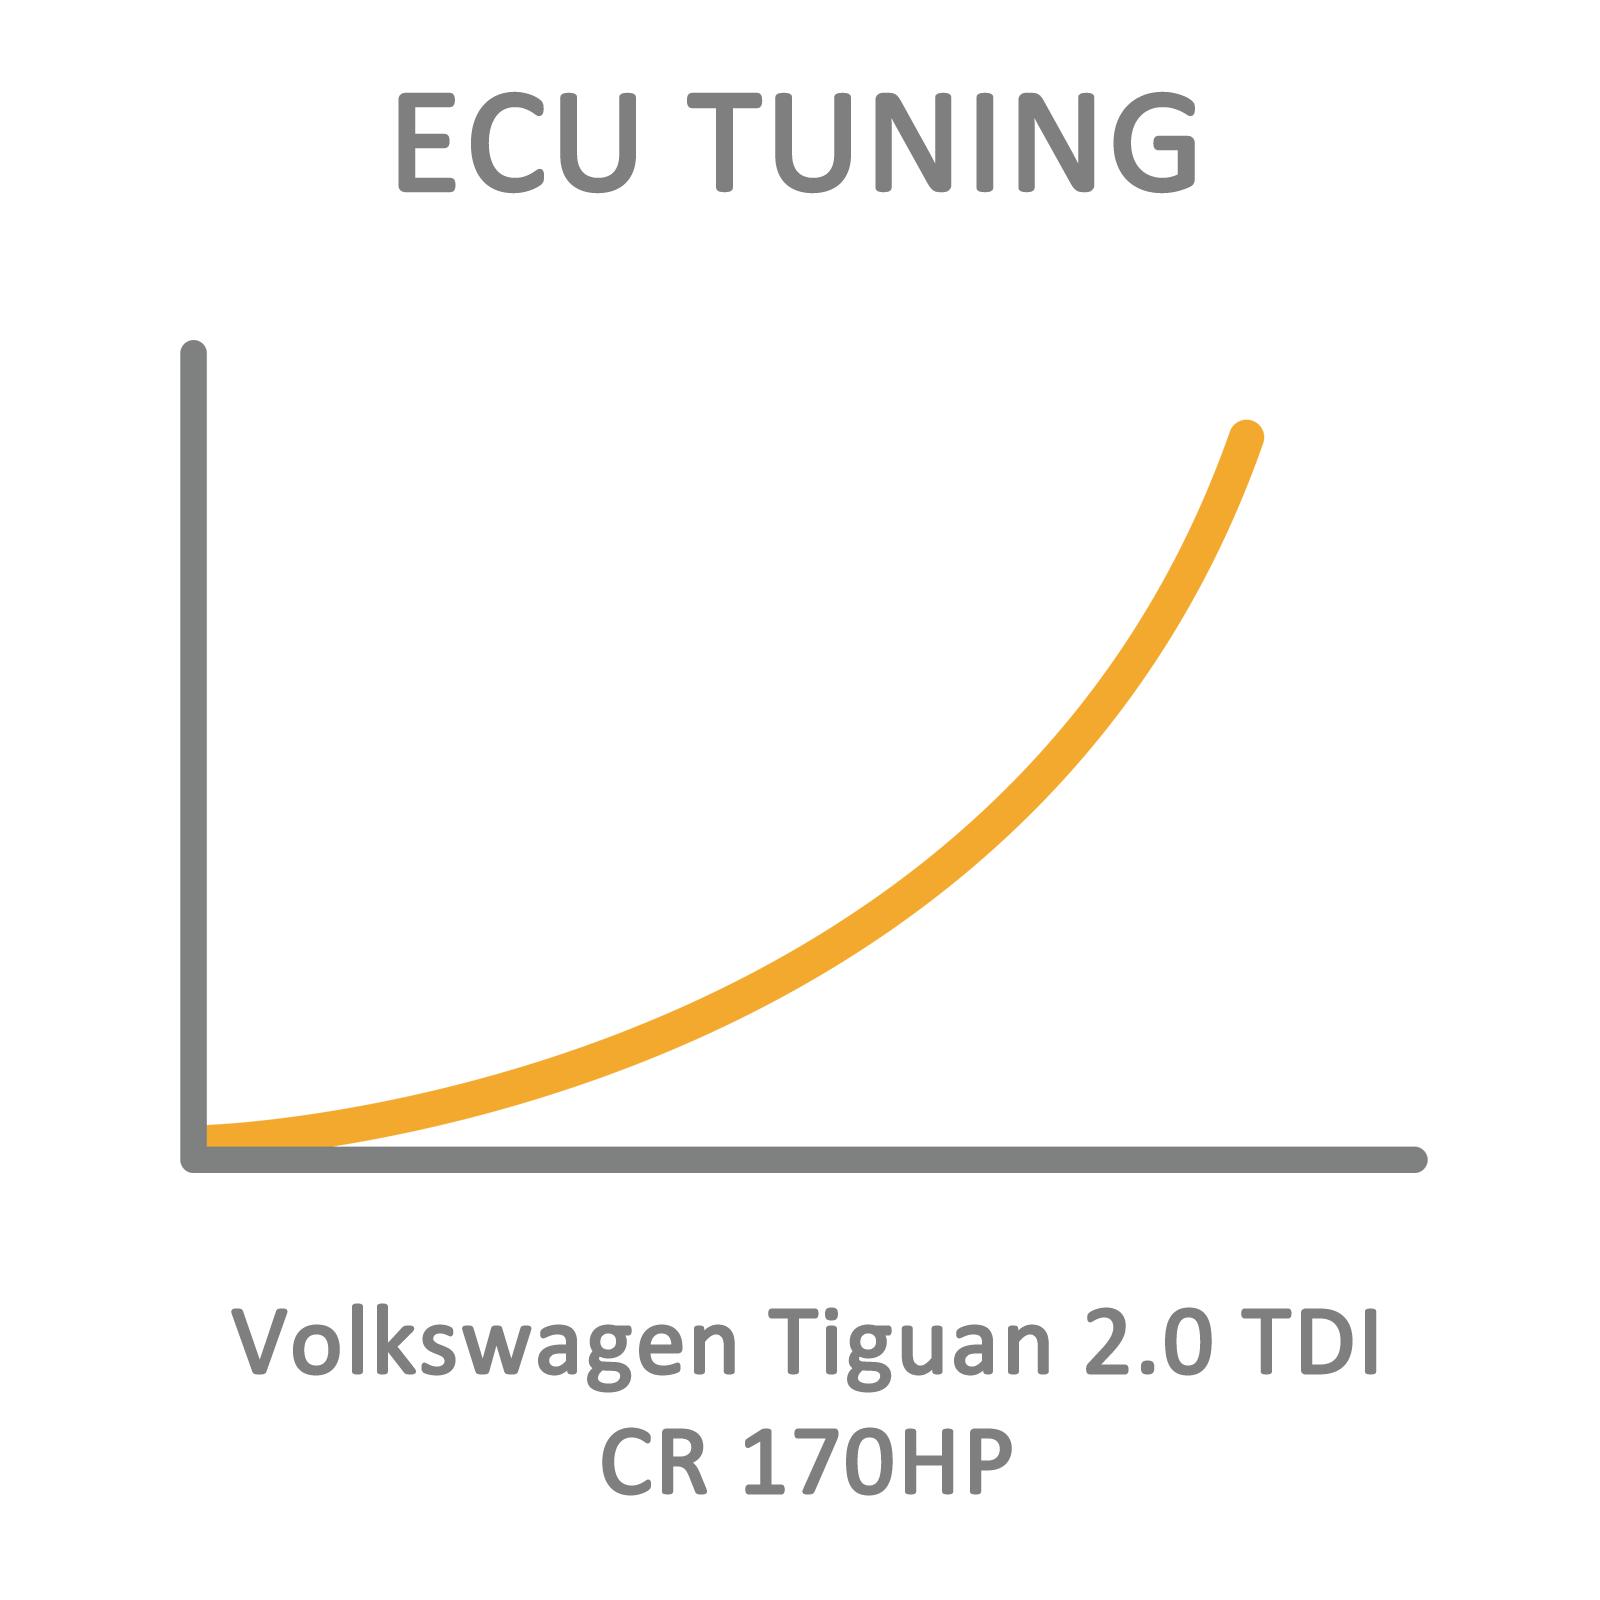 Volkswagen Tiguan 2.0 TDI CR 170HP ECU Tuning Remapping